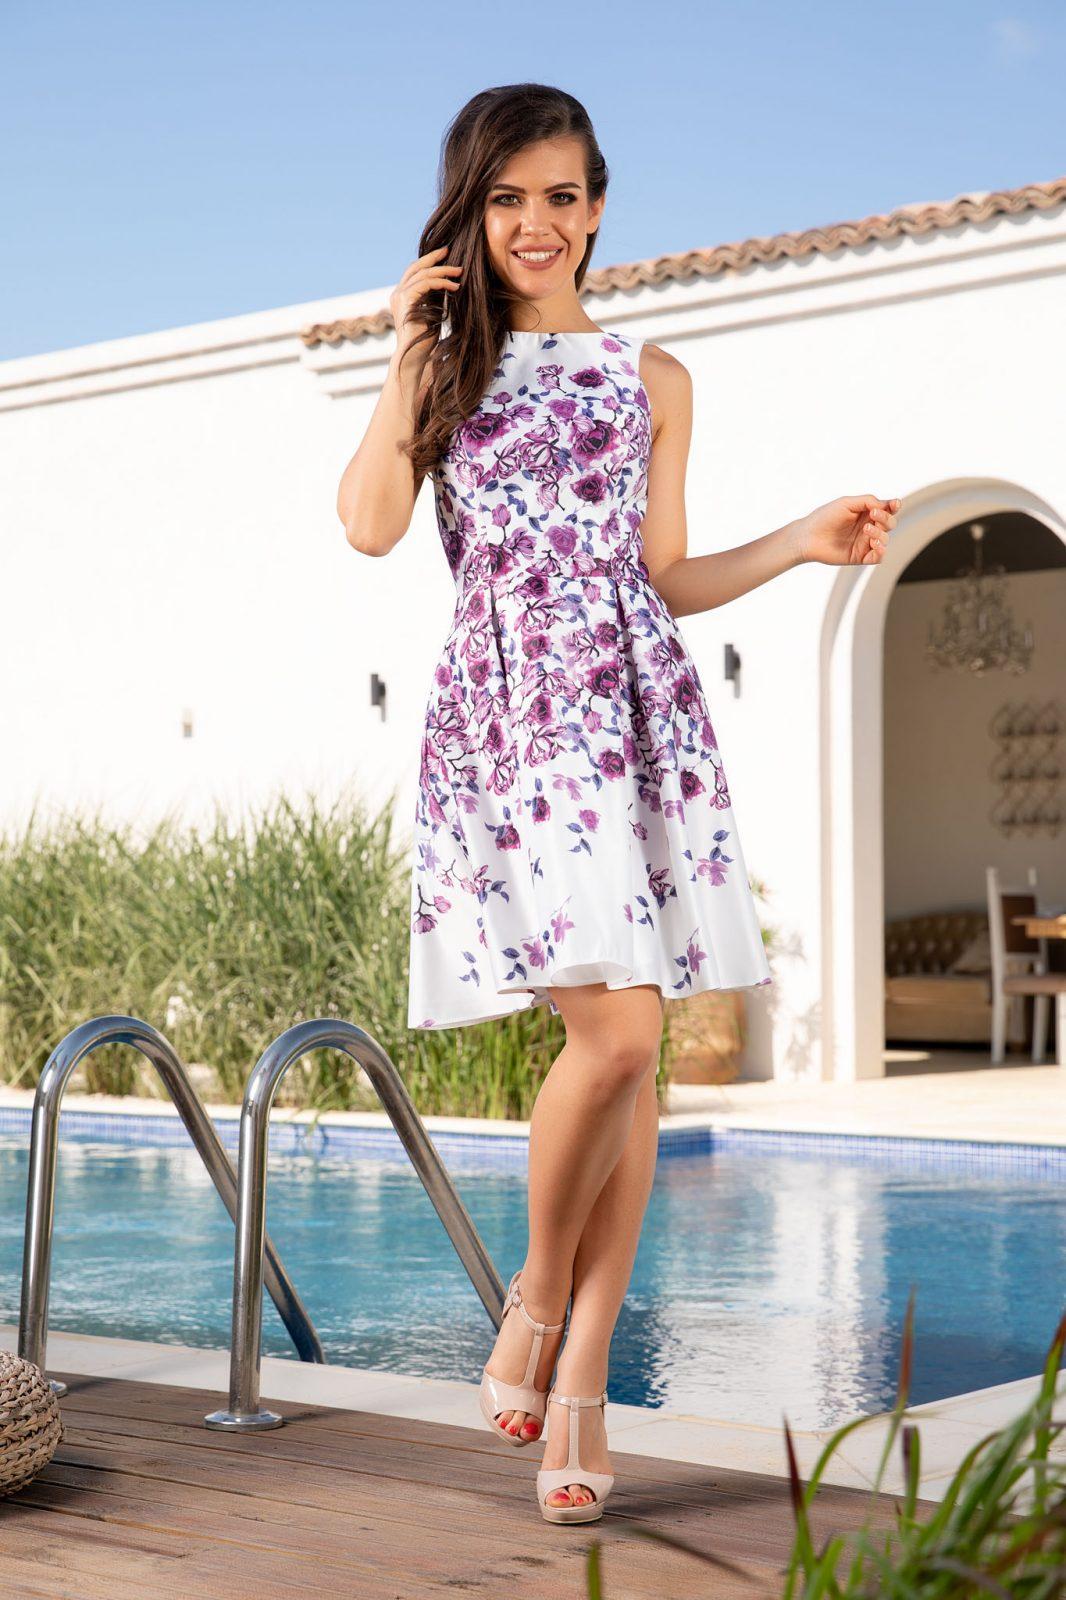 Leyla Floral Φόρεμα 4924